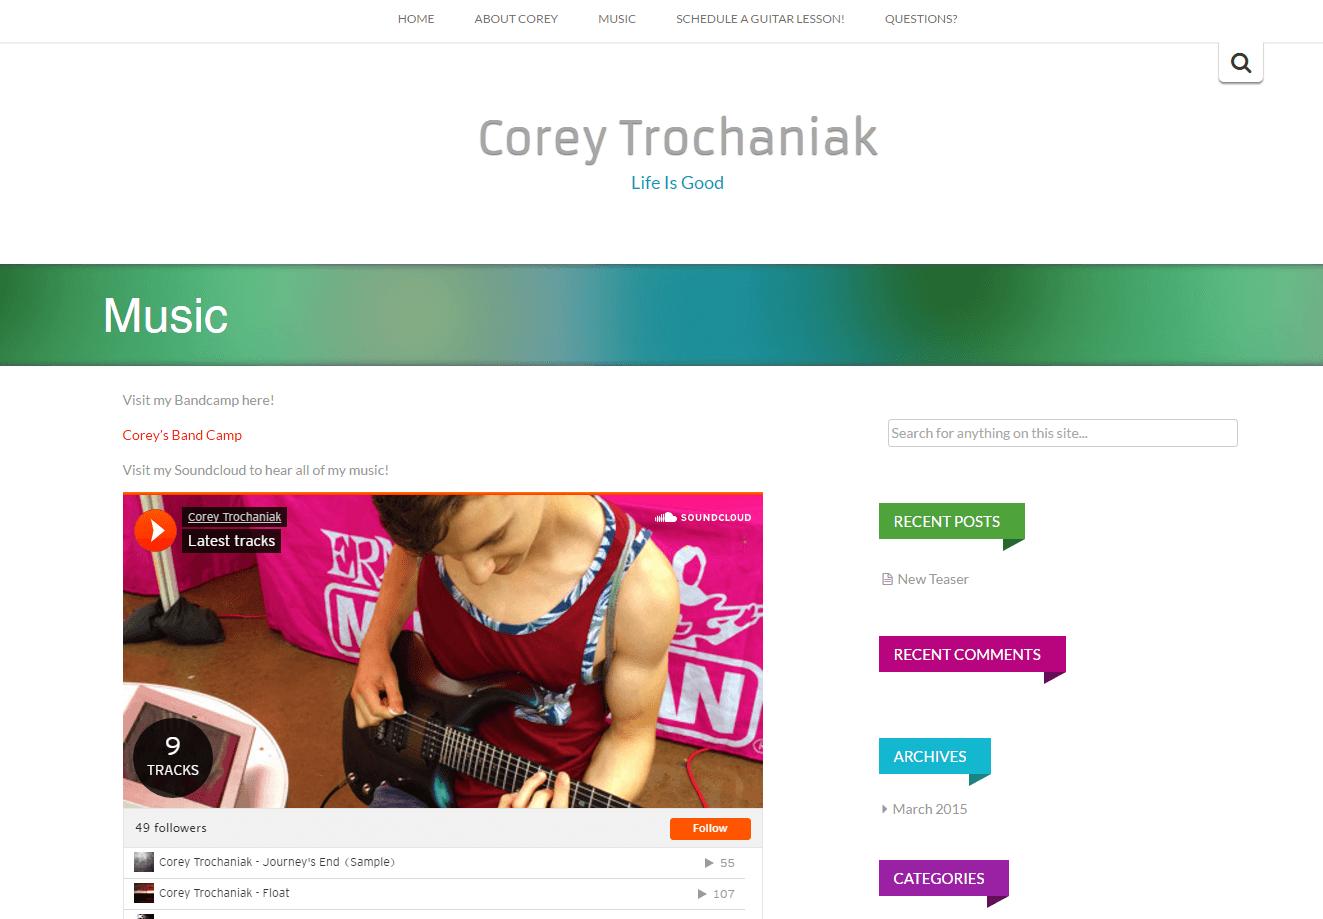 Corey Trochaniak